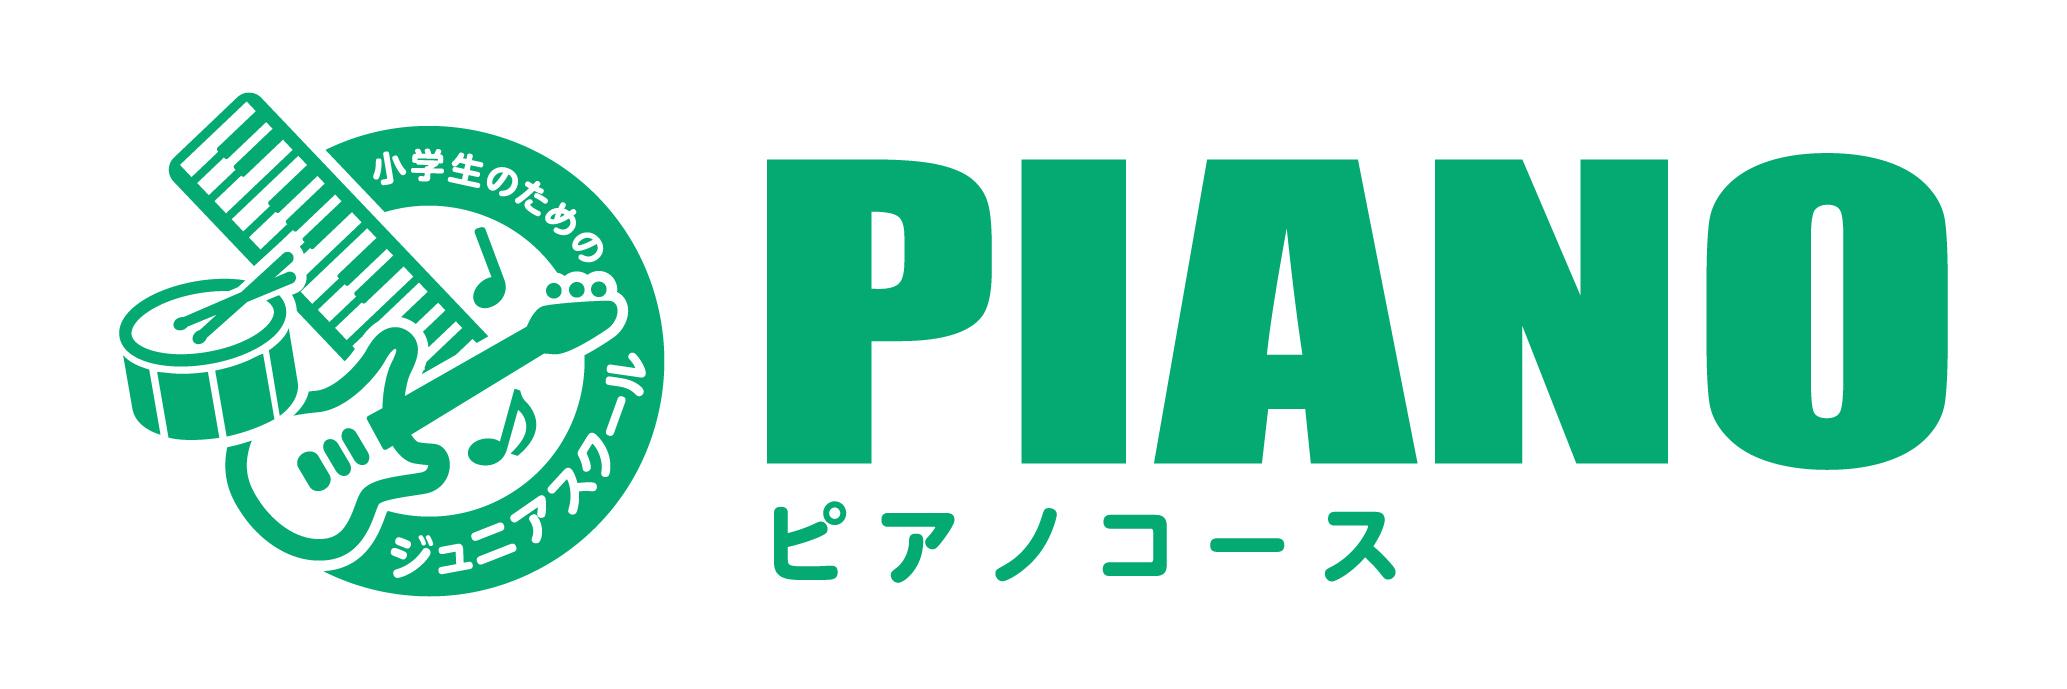 小学生のためのジュニアスクール ピアノコース